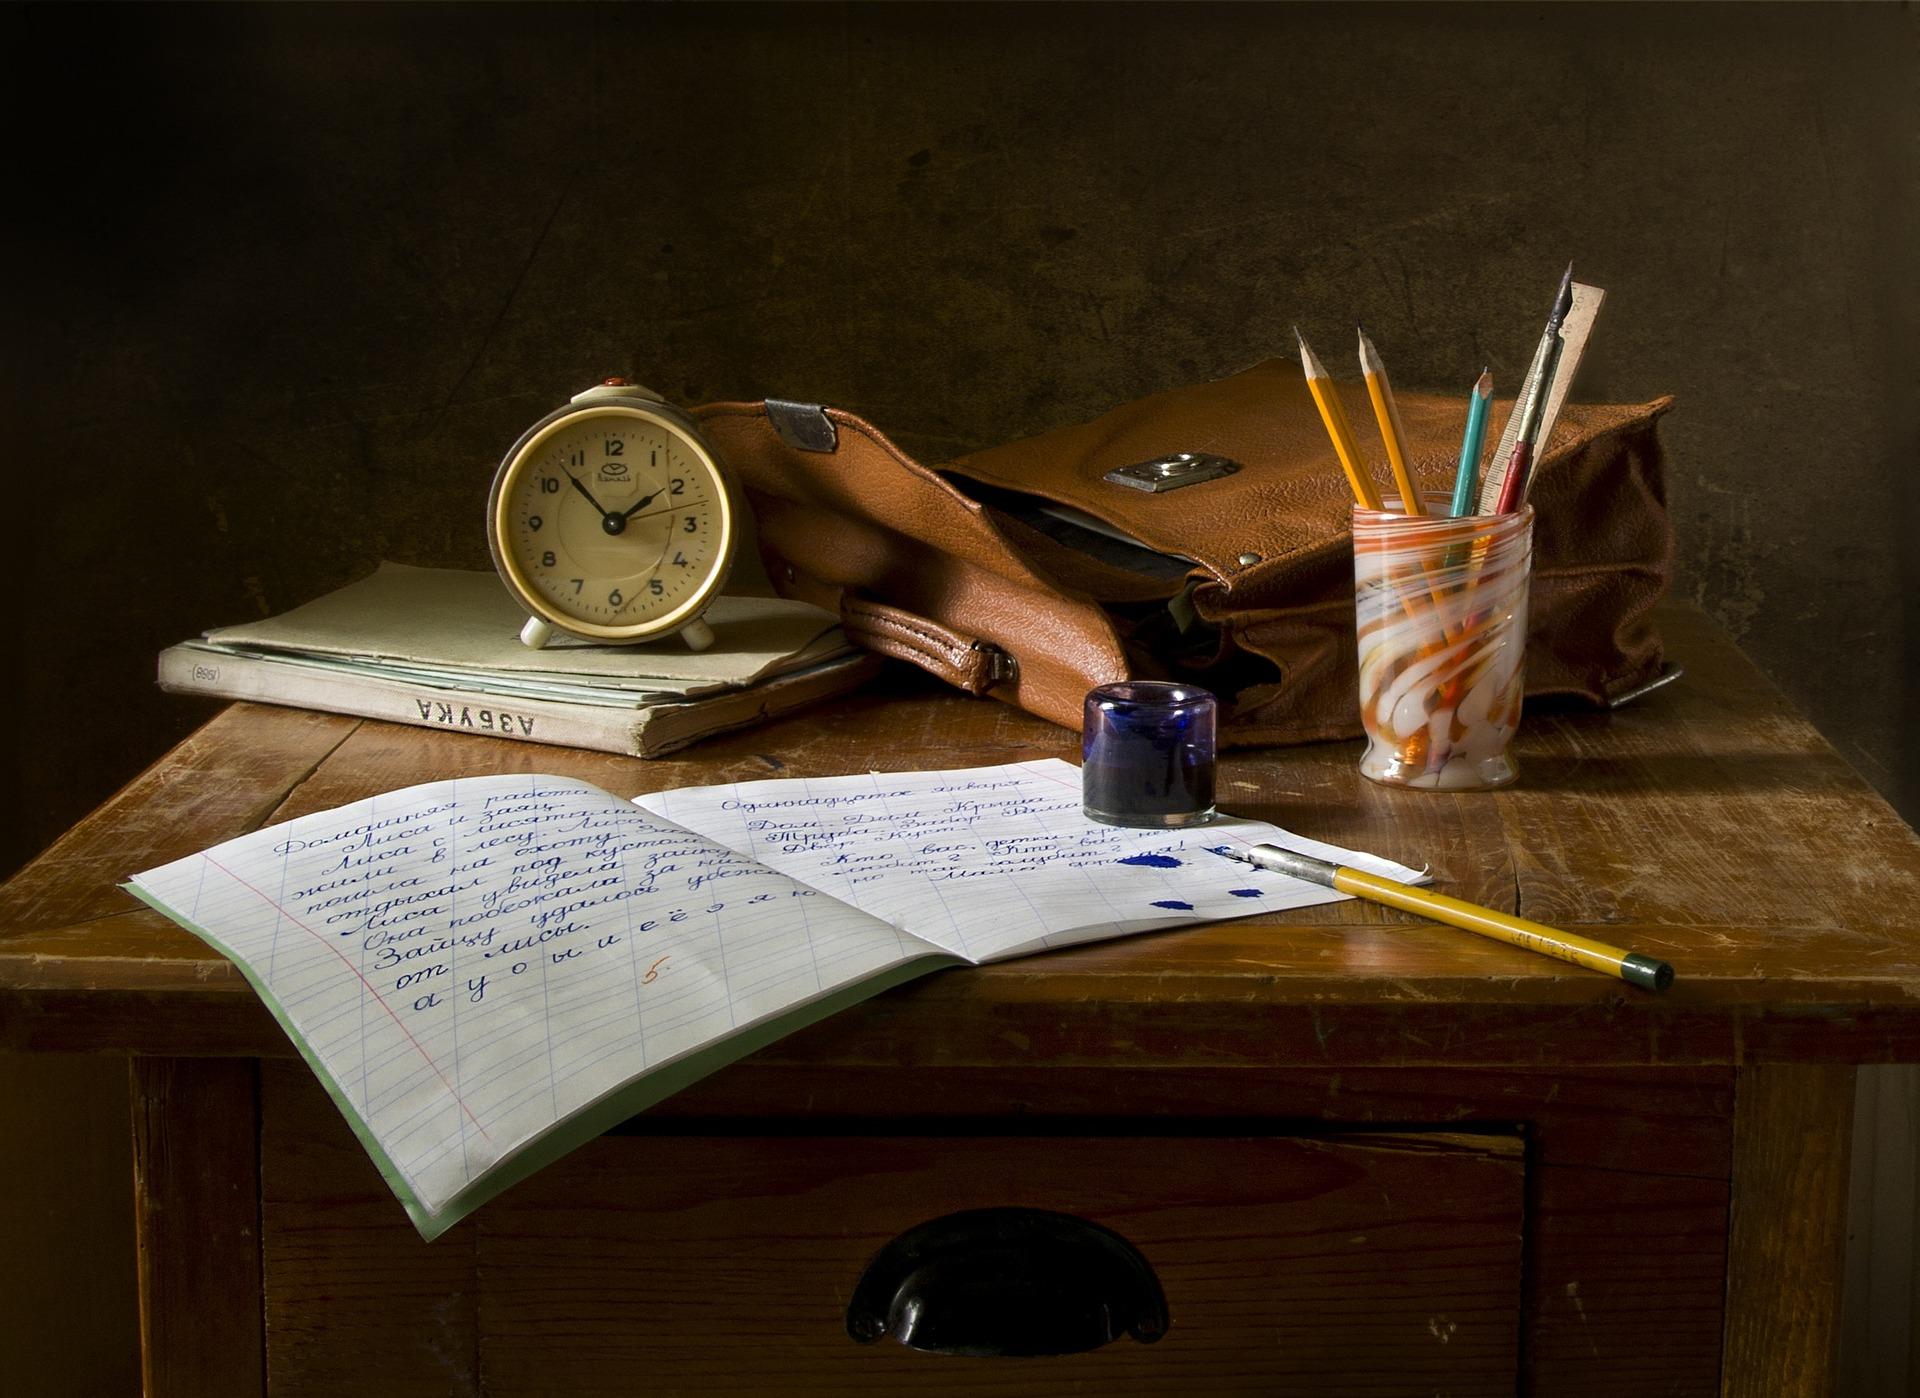 כתיבת קורות חיים נותנת פור על אחרים